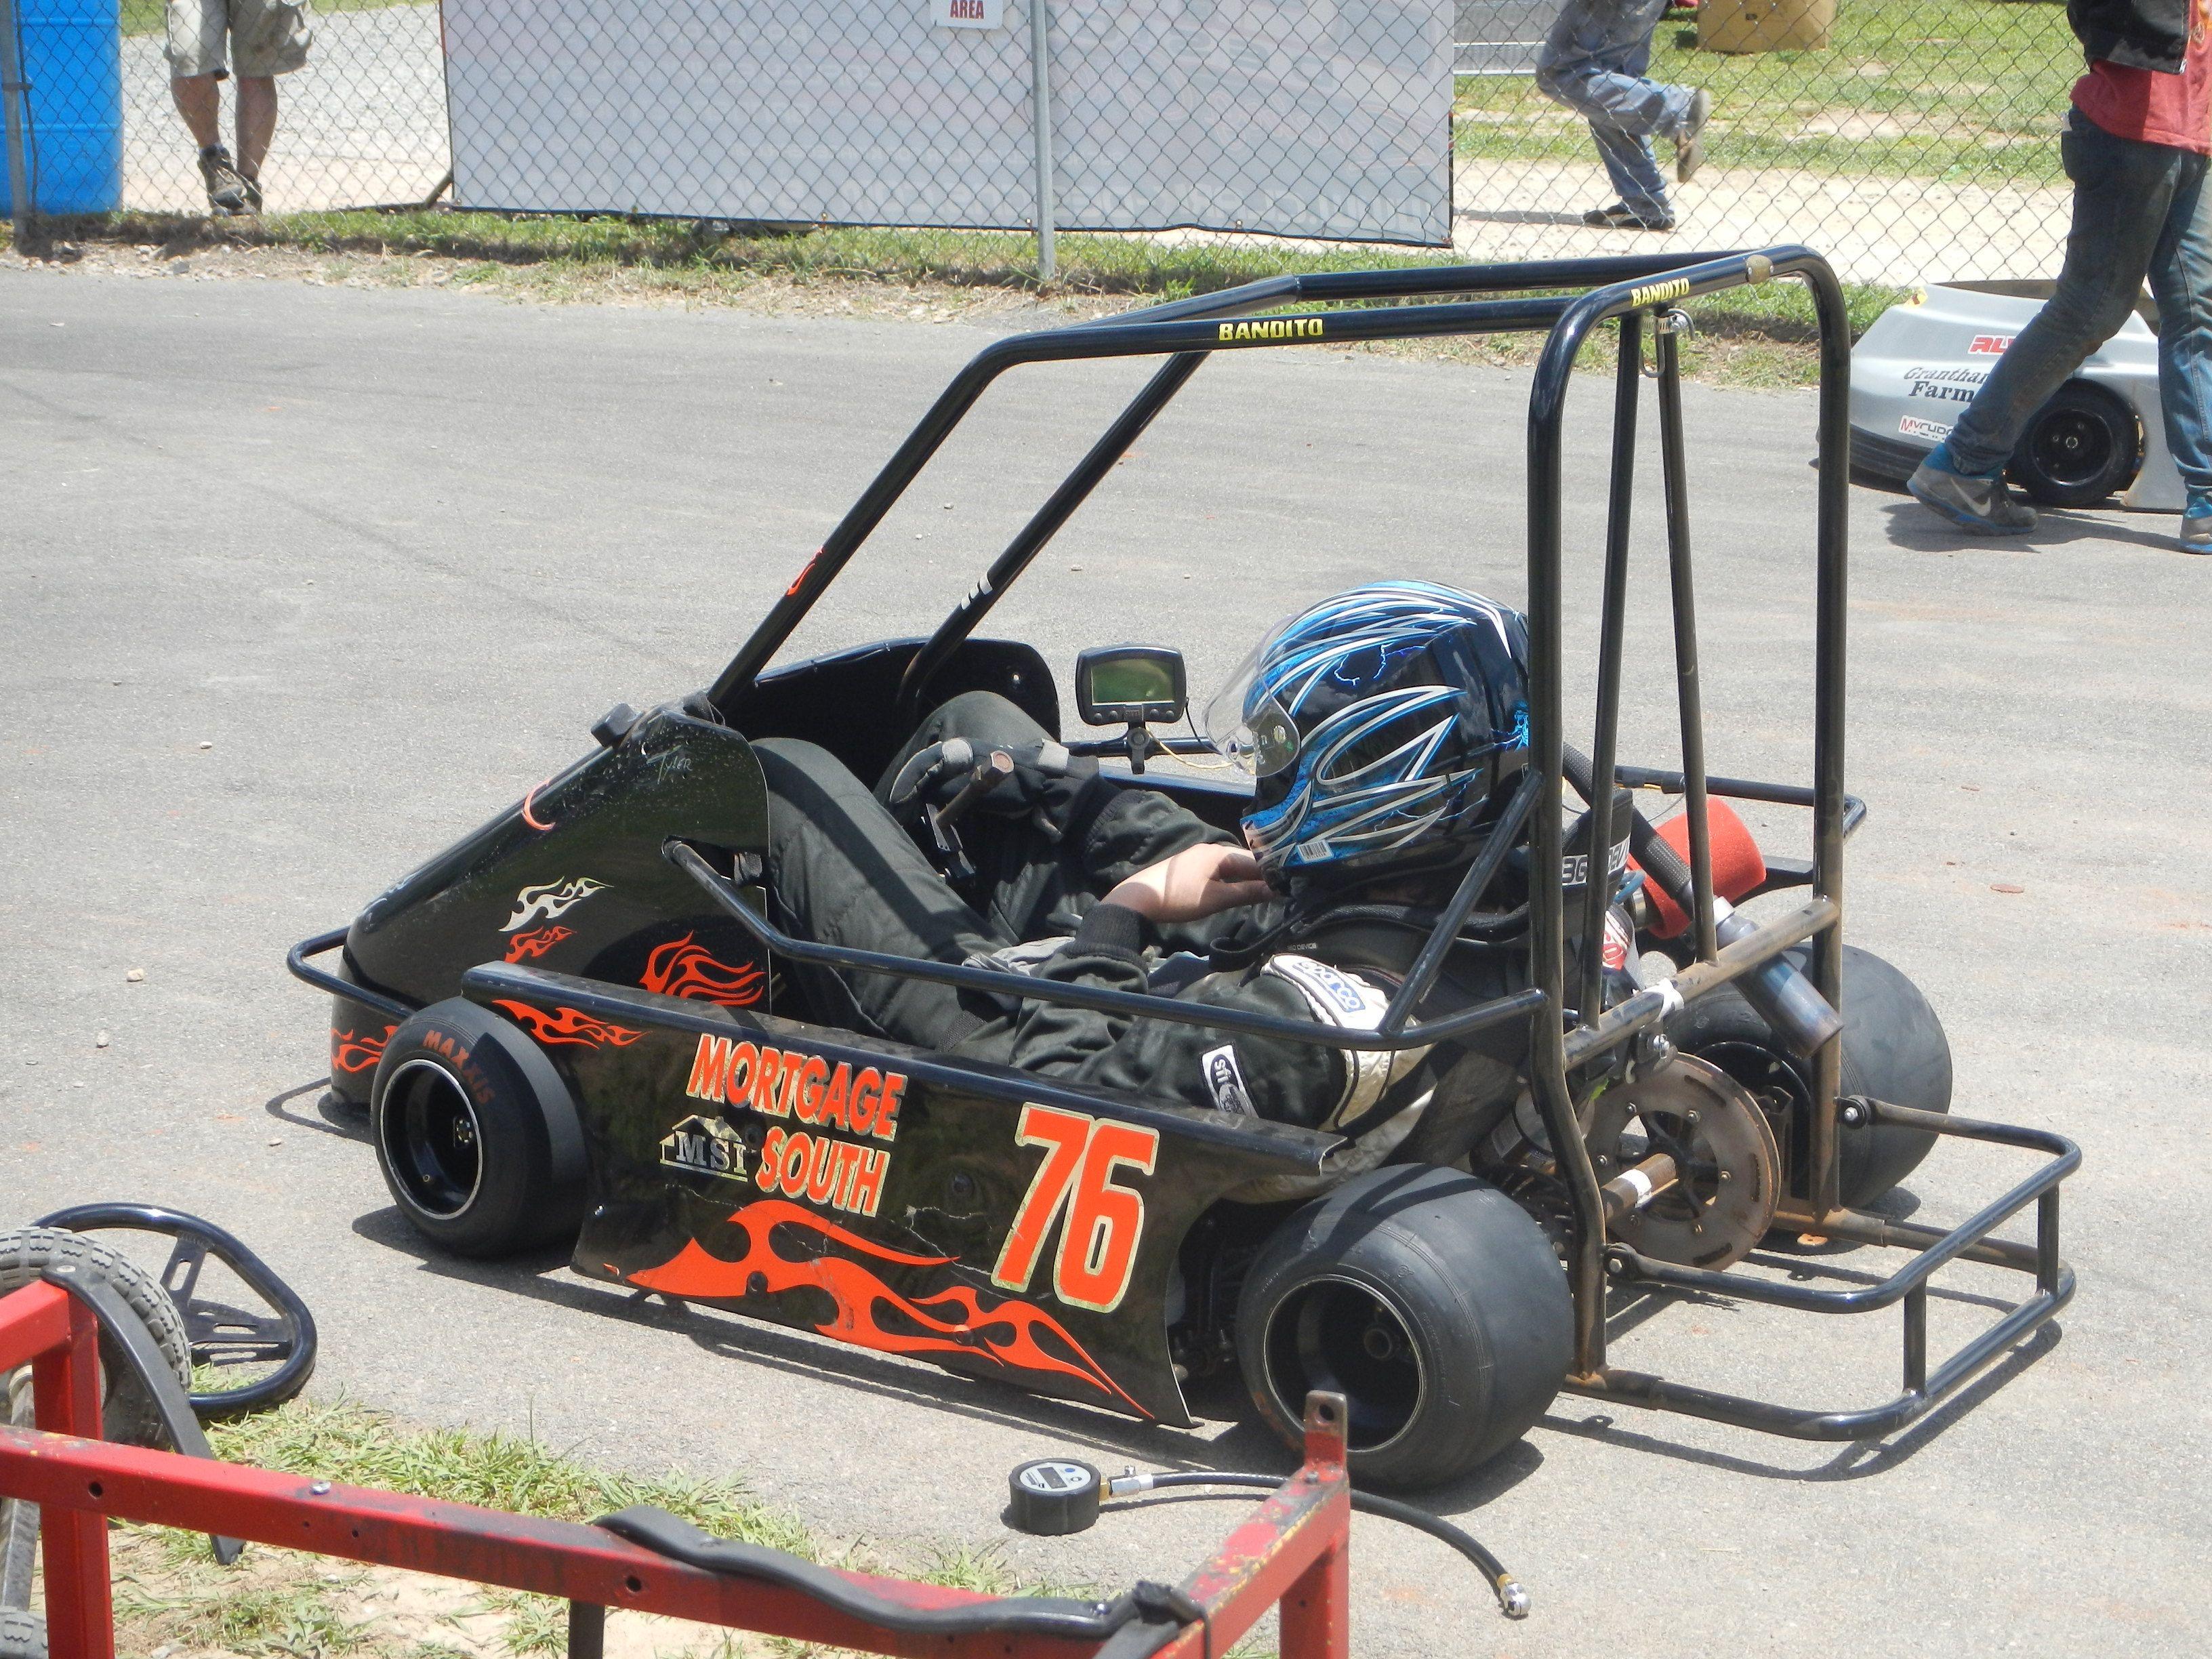 76 dirt track racing kart